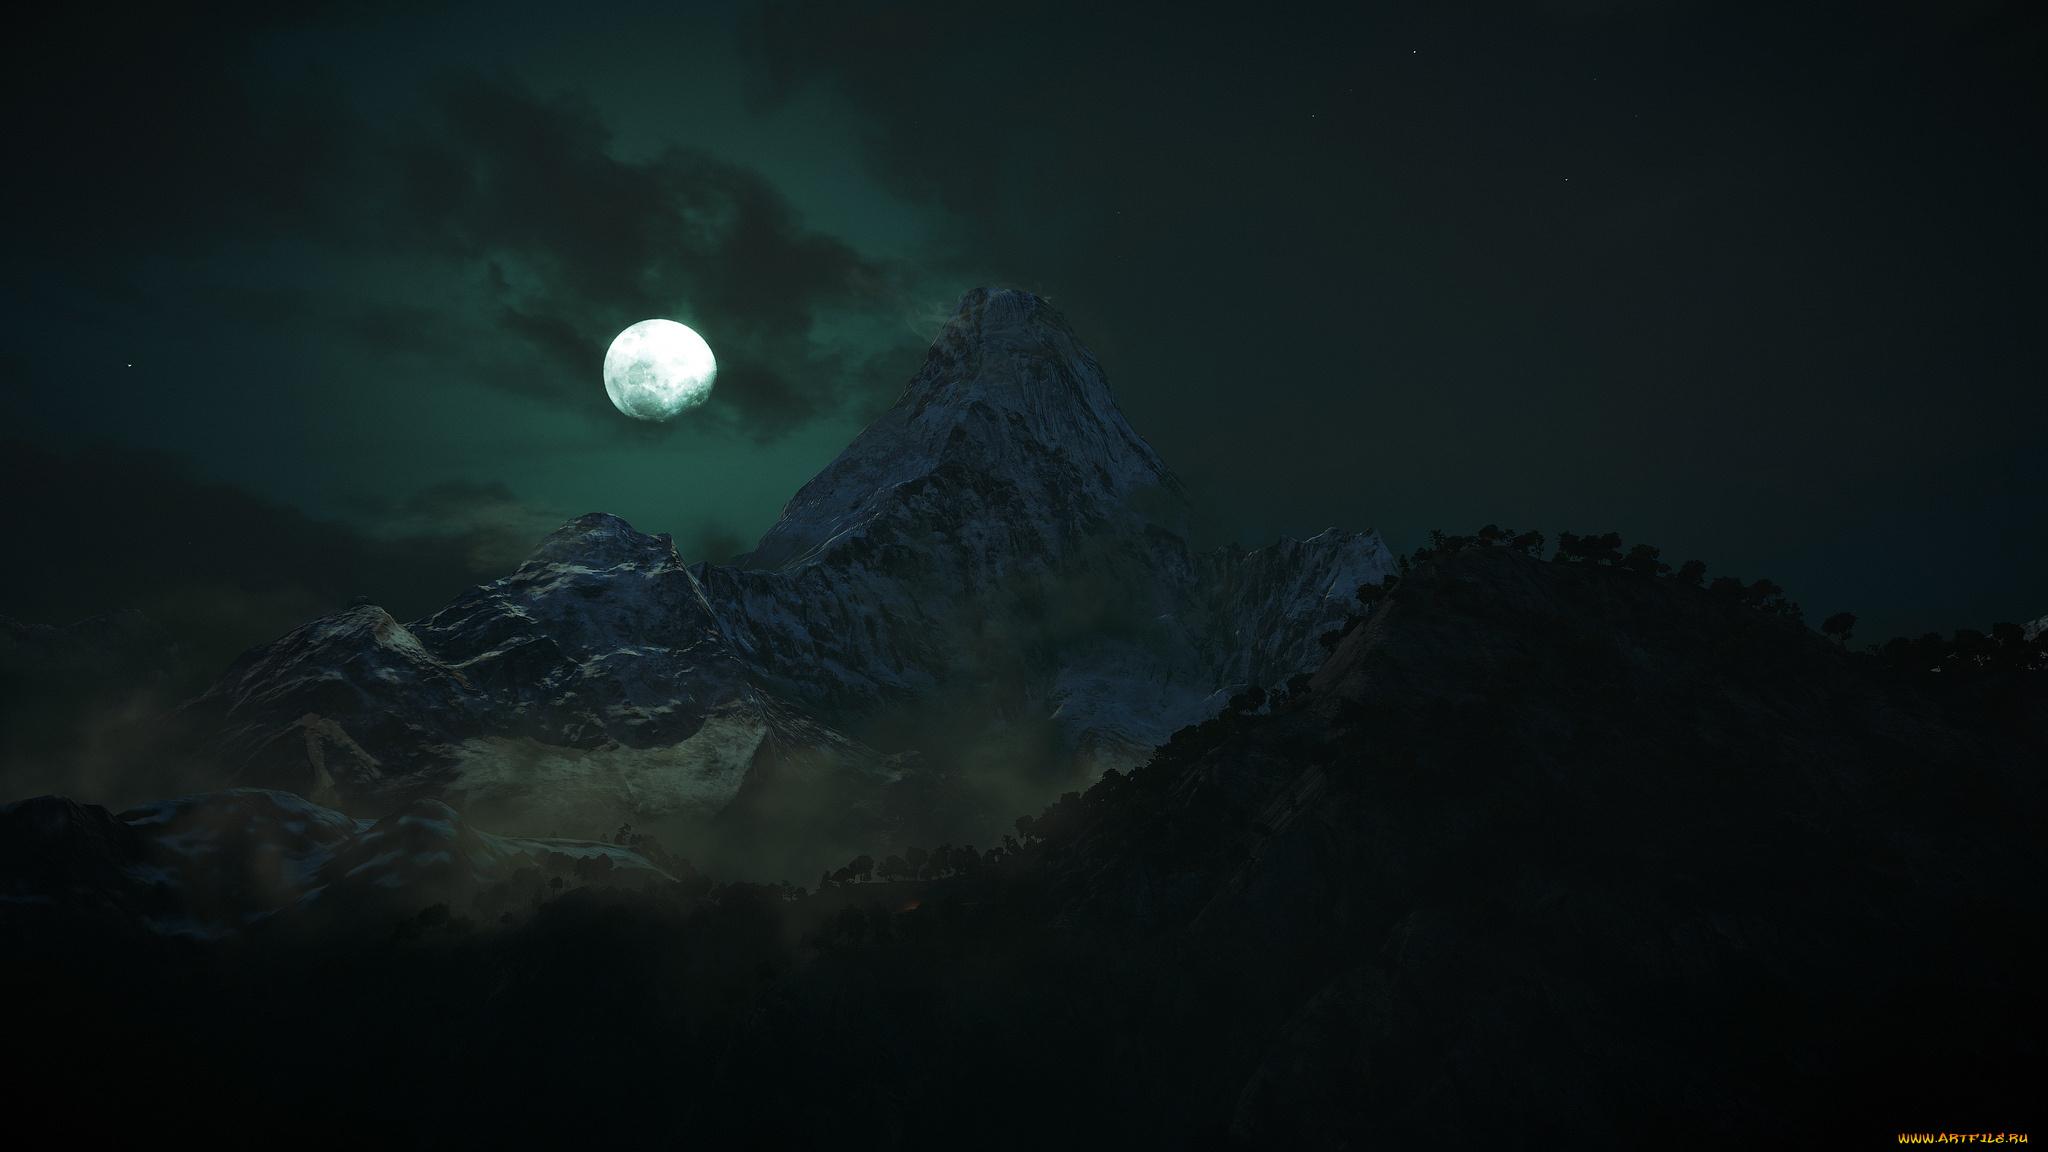 Главная страница горы ночью в горах скачайте картинку горы ночью бесплатно и не поленитесь просмотреть другие разделы, чтобы подобрать себе качественных картинок и обоев для рабочего стола.